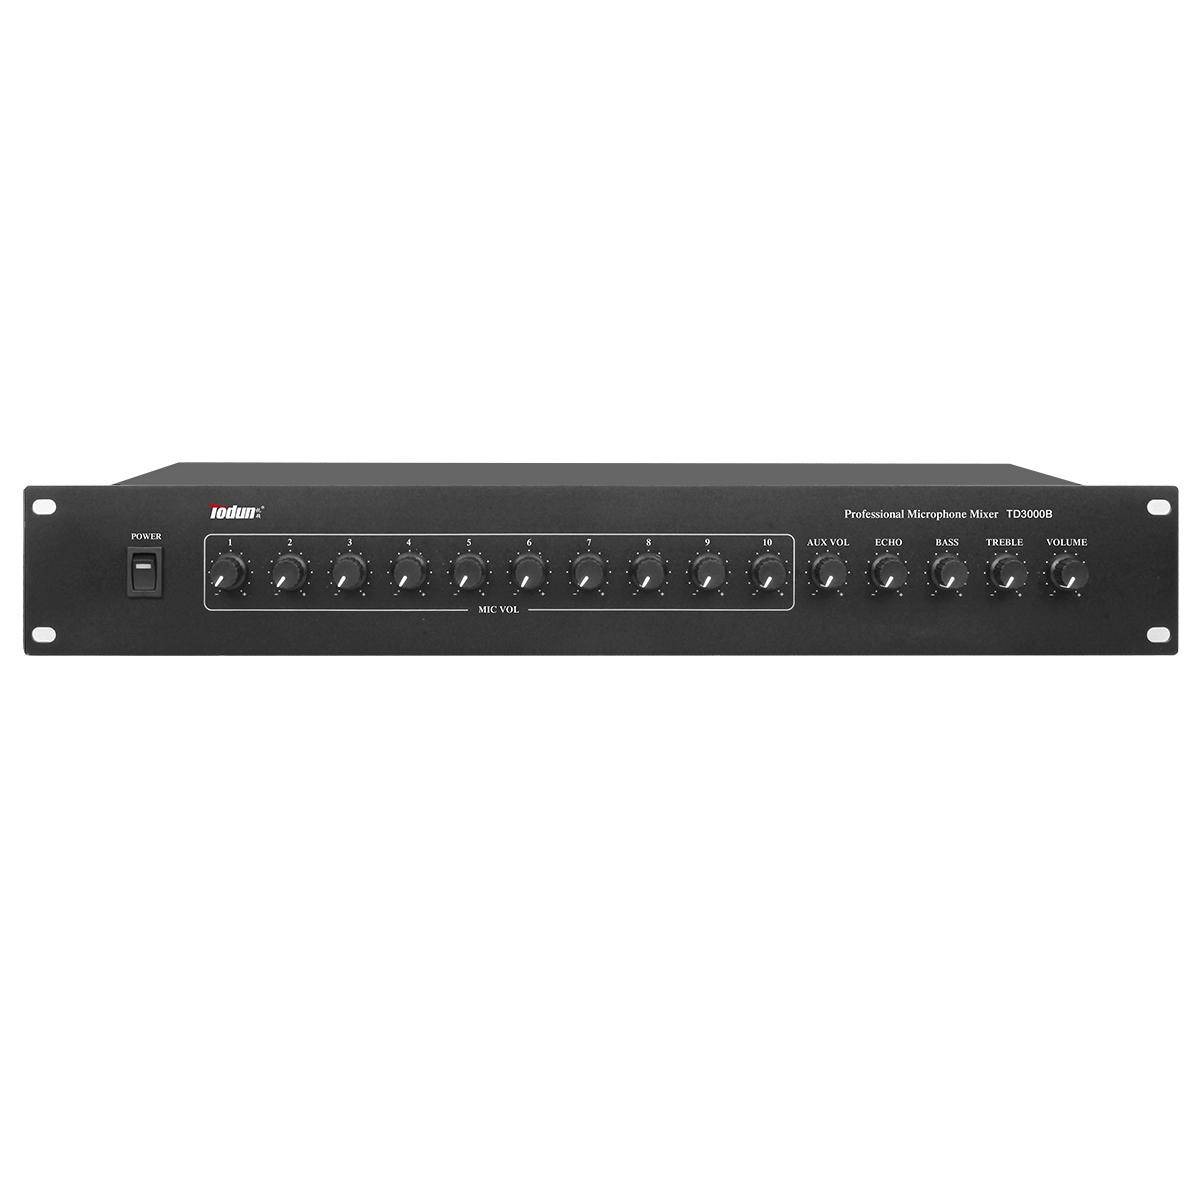 10路集线器 TD3000B 10路麦克风不平衡输入 前置放大 立体声输出 会议均衡调节